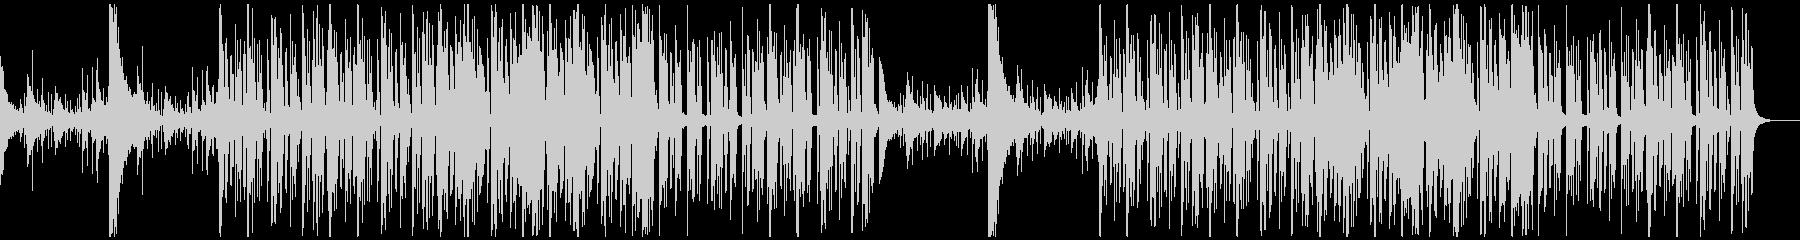 【チル】ゆったりとしたBGM・6の未再生の波形